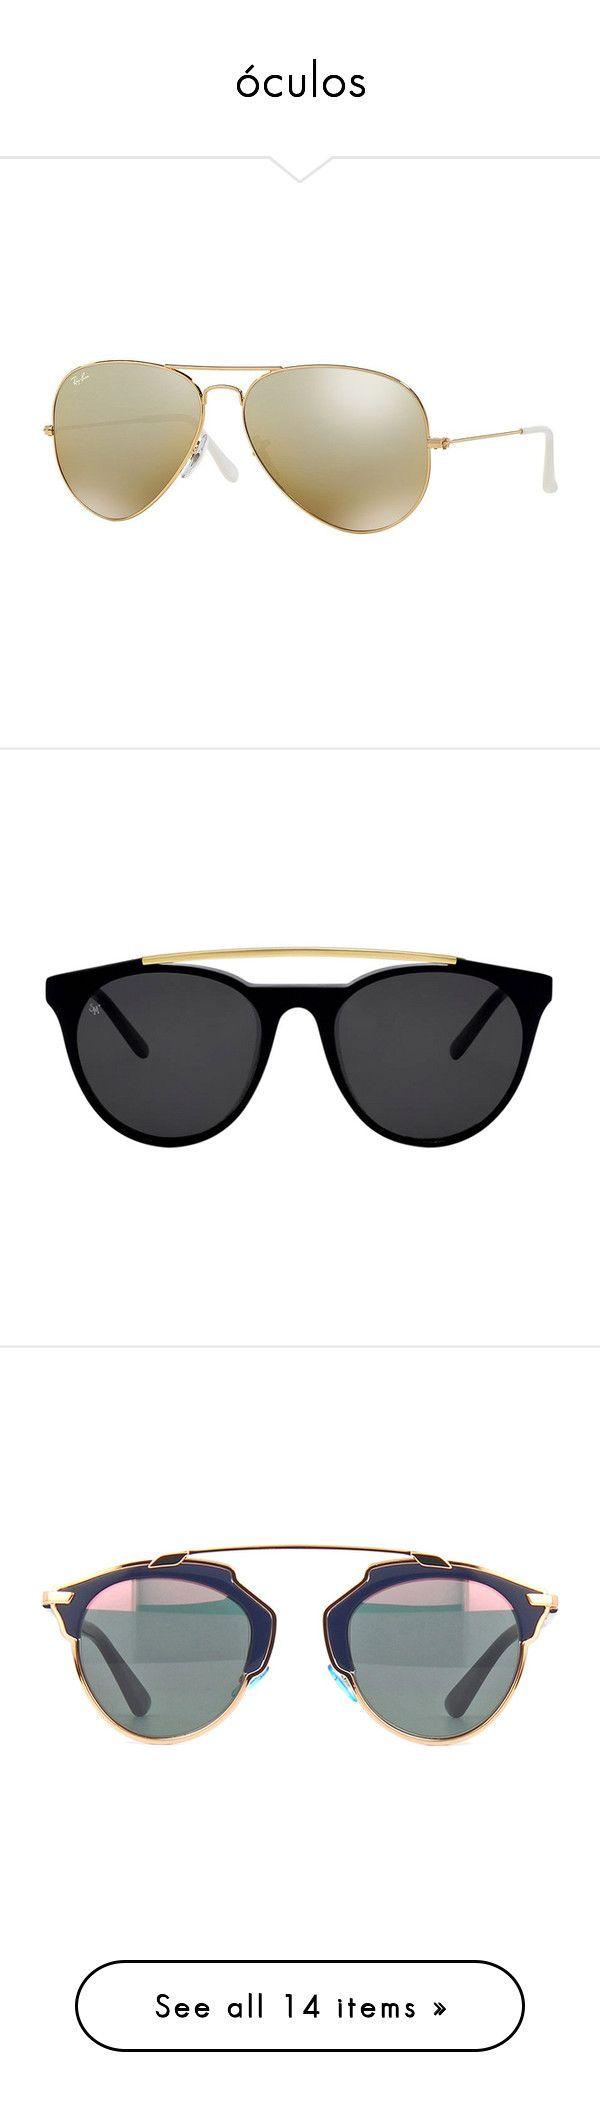 Aviator Sunglasses Reflective